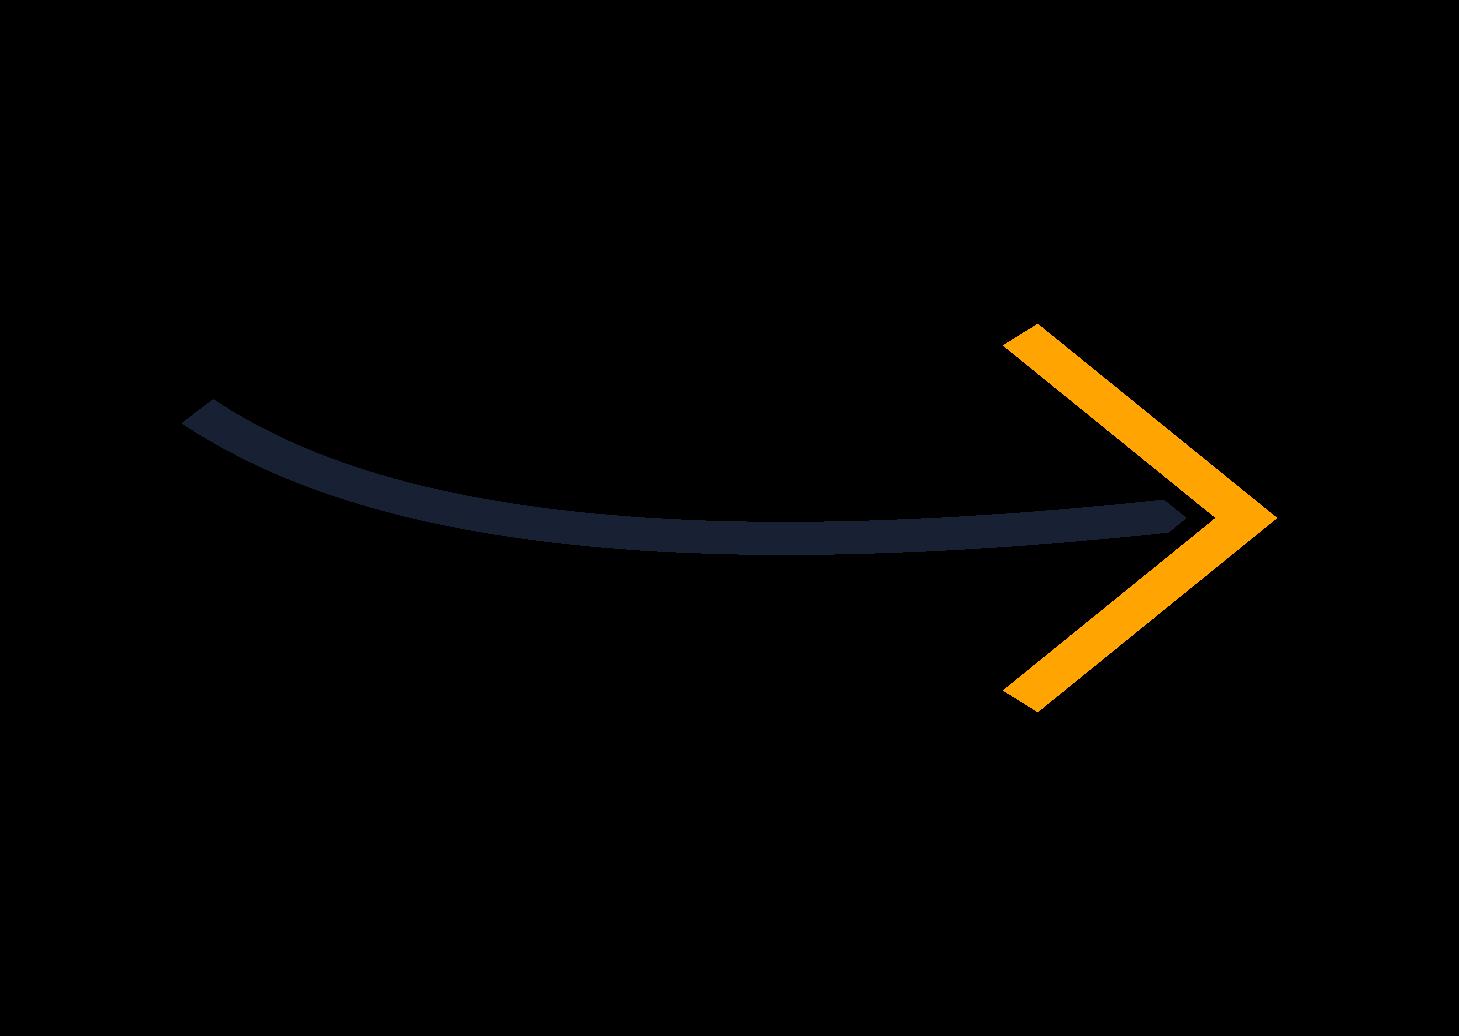 fixn arrow 1